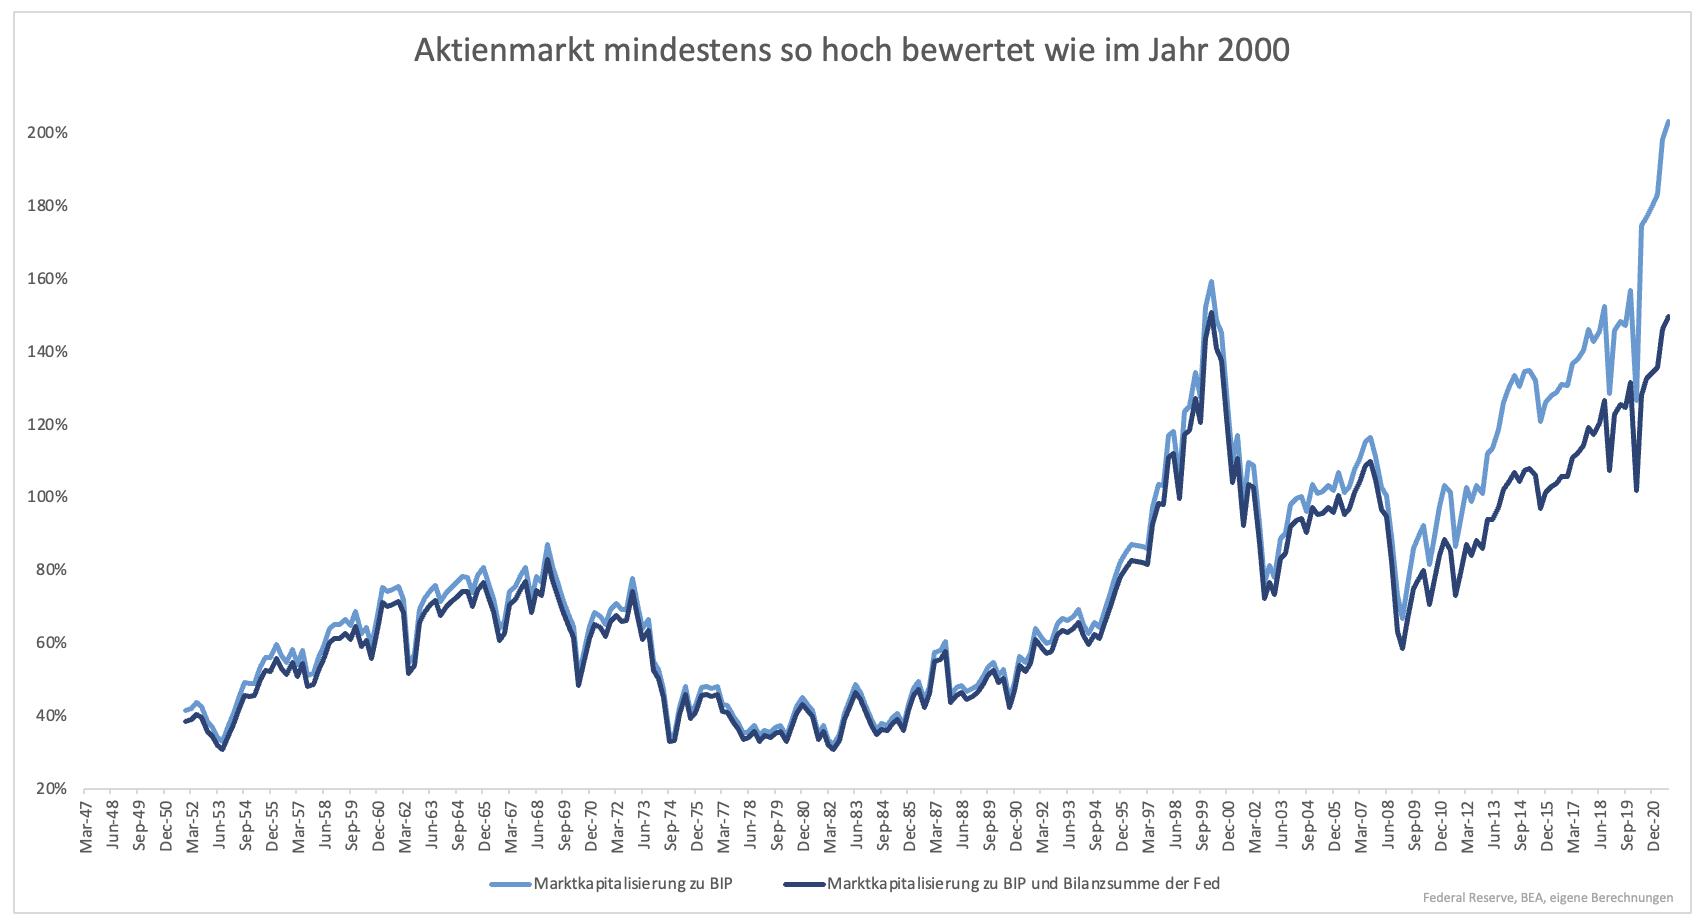 Wie-sich-der-heutige-Aktienmarkt-von-der-letzten-großen-Spekulationsblase-unterscheidet-Kommentar-Clemens-Schmale-GodmodeTrader.de-1